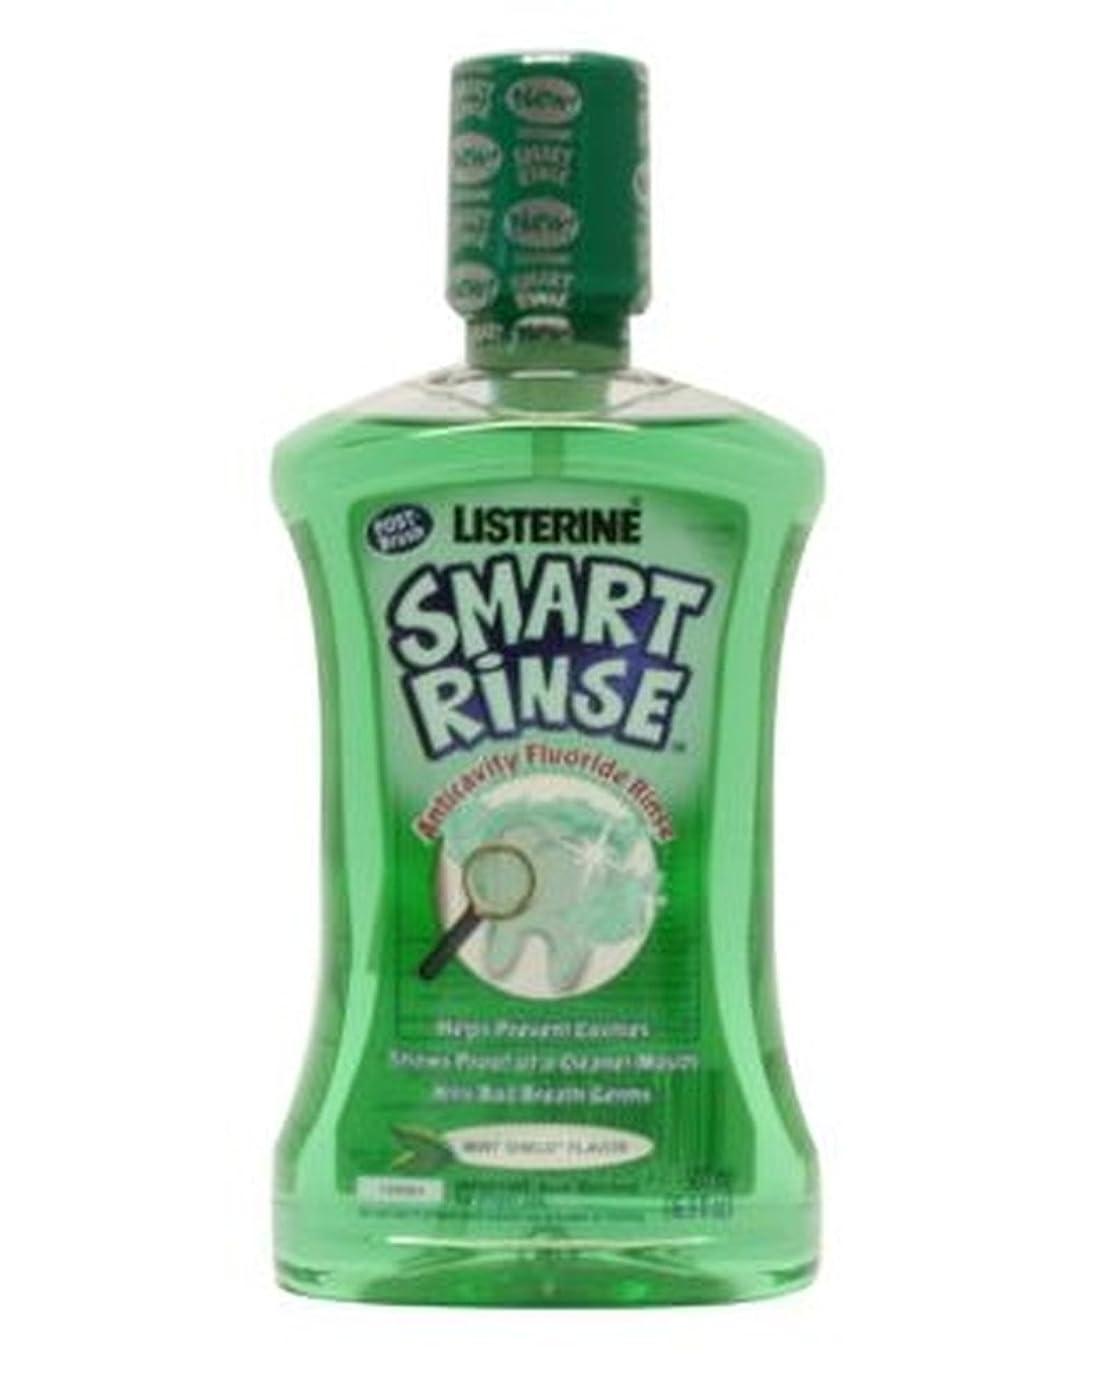 ナット避ける各子供のためのリステリンスマートリンスミント洗口液500ミリリットル (Listerine) (x2) - Listerine Smart Rinse Mint Mouthwash For Children 500ml (Pack of 2) [並行輸入品]